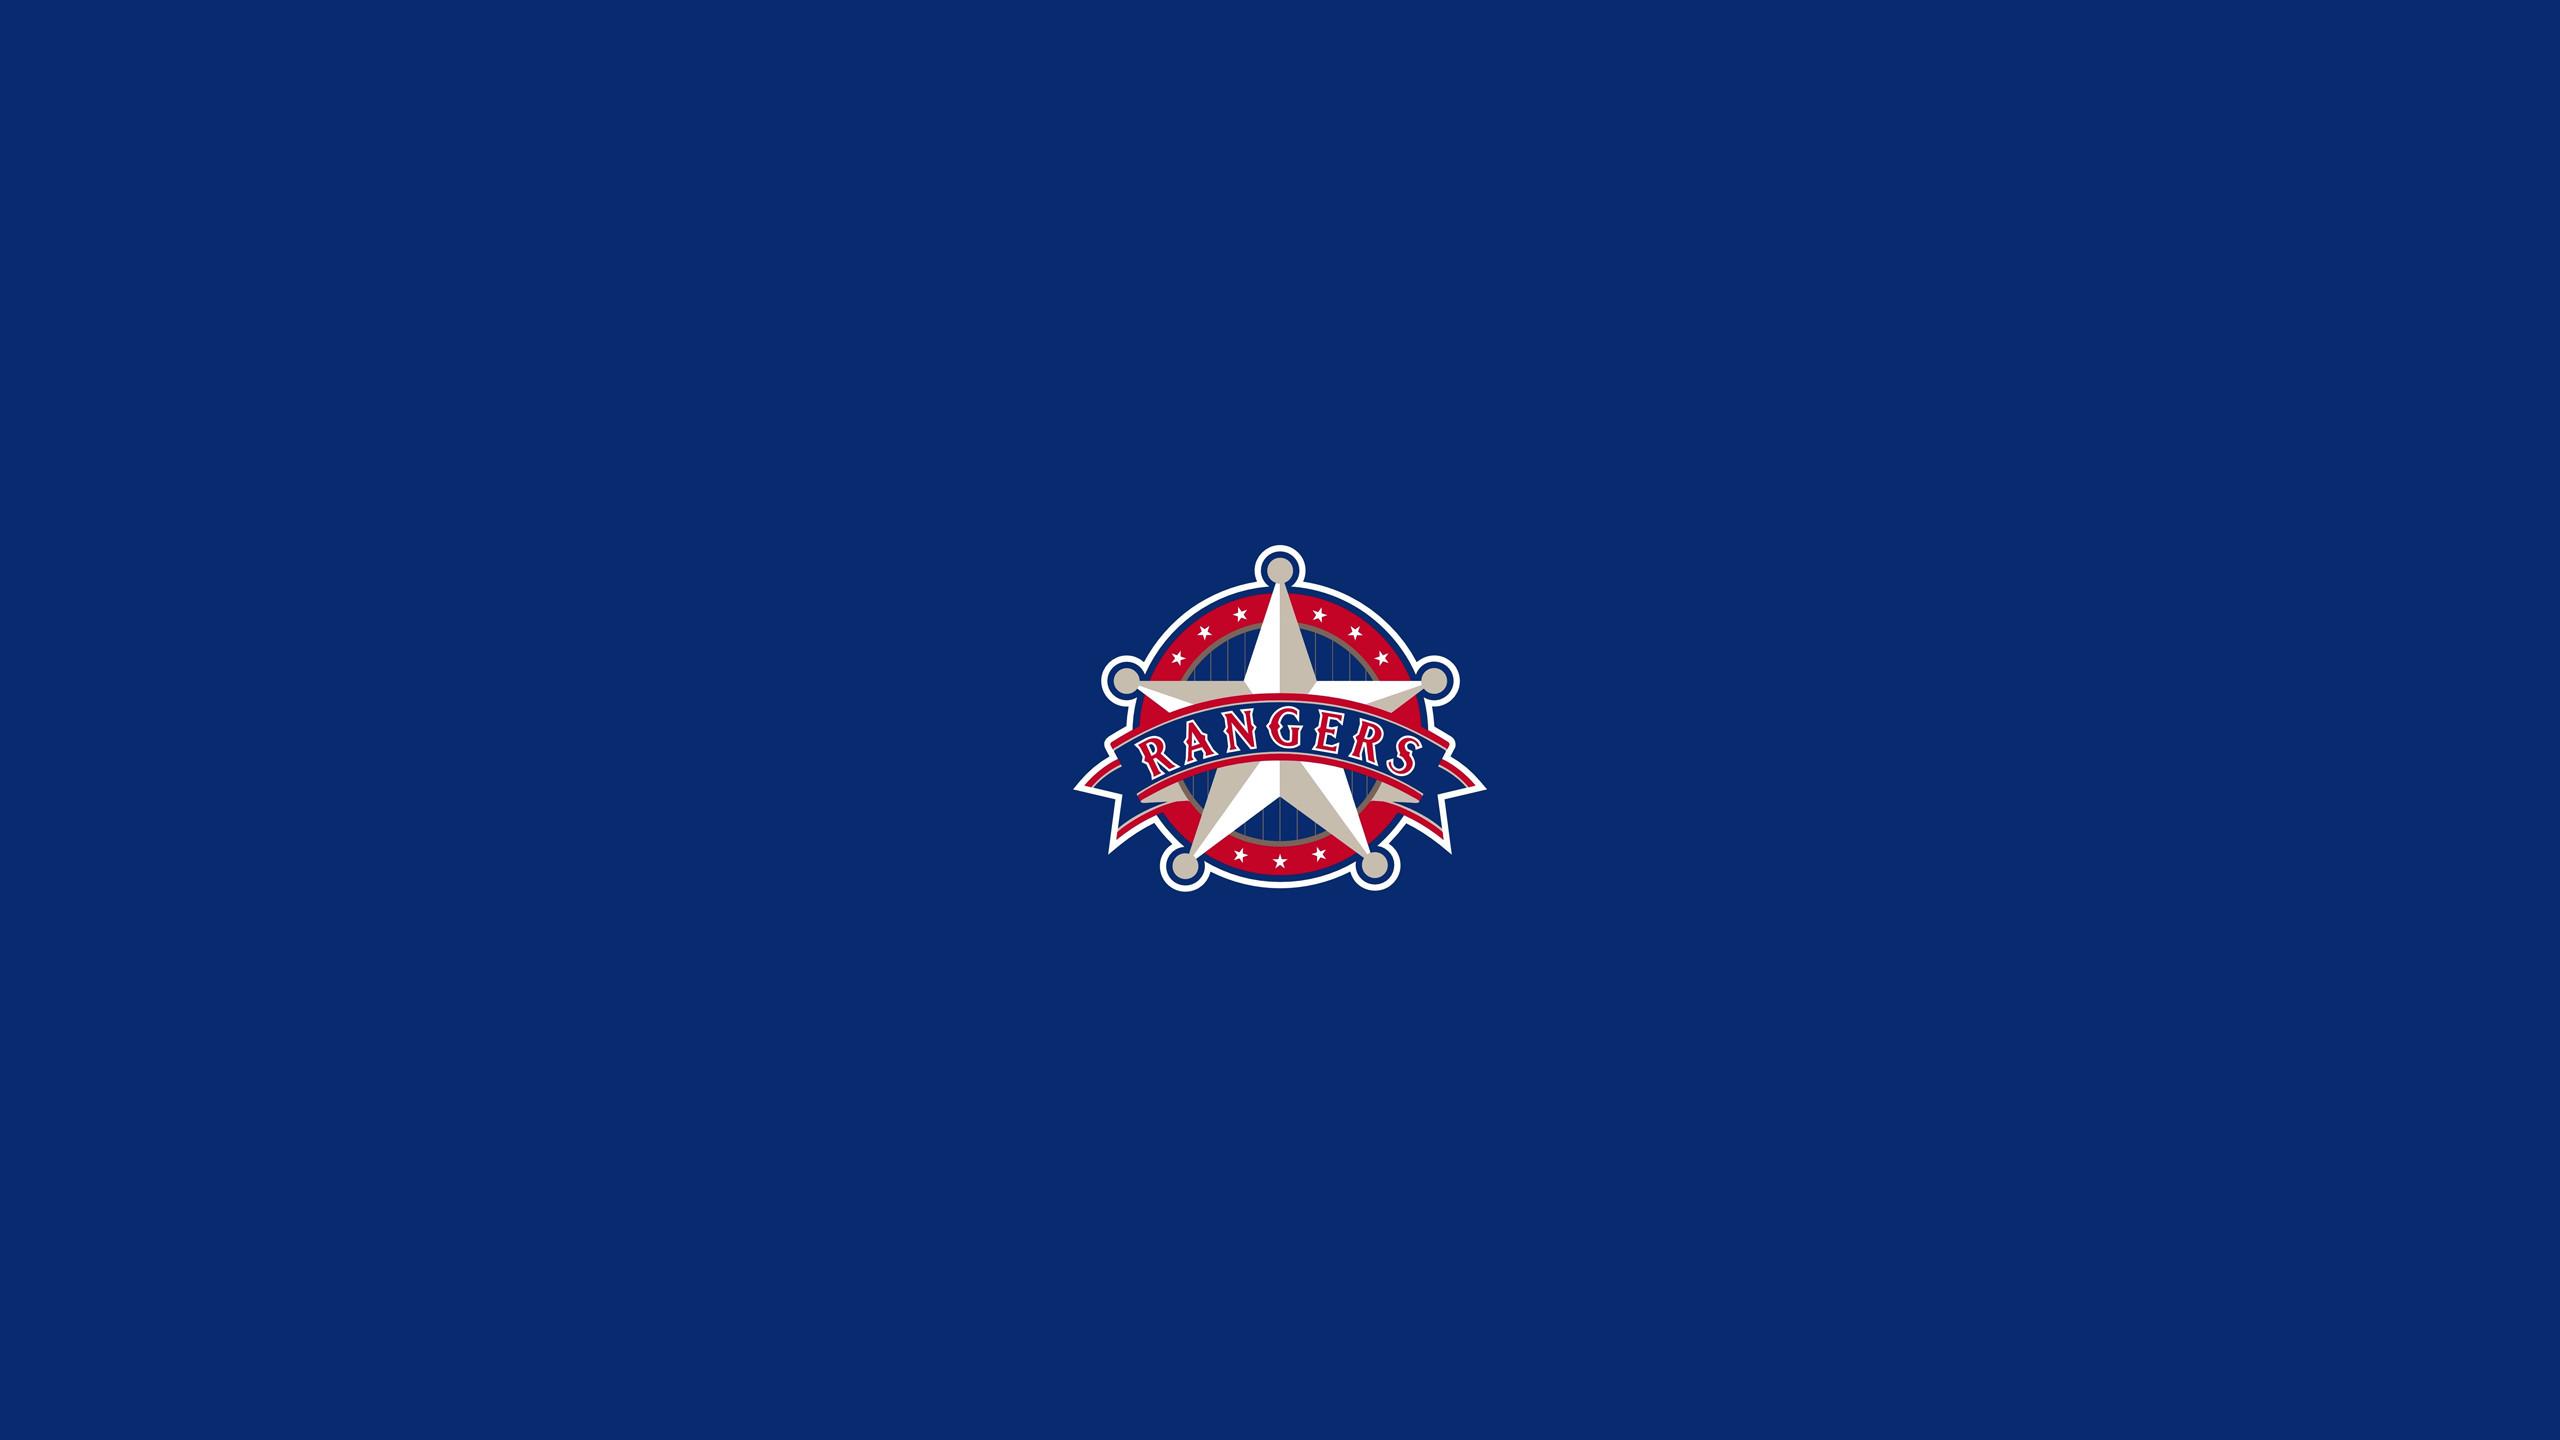 de baseball: Texas Rangers | Fondos de pantalla de Texas Rangers .